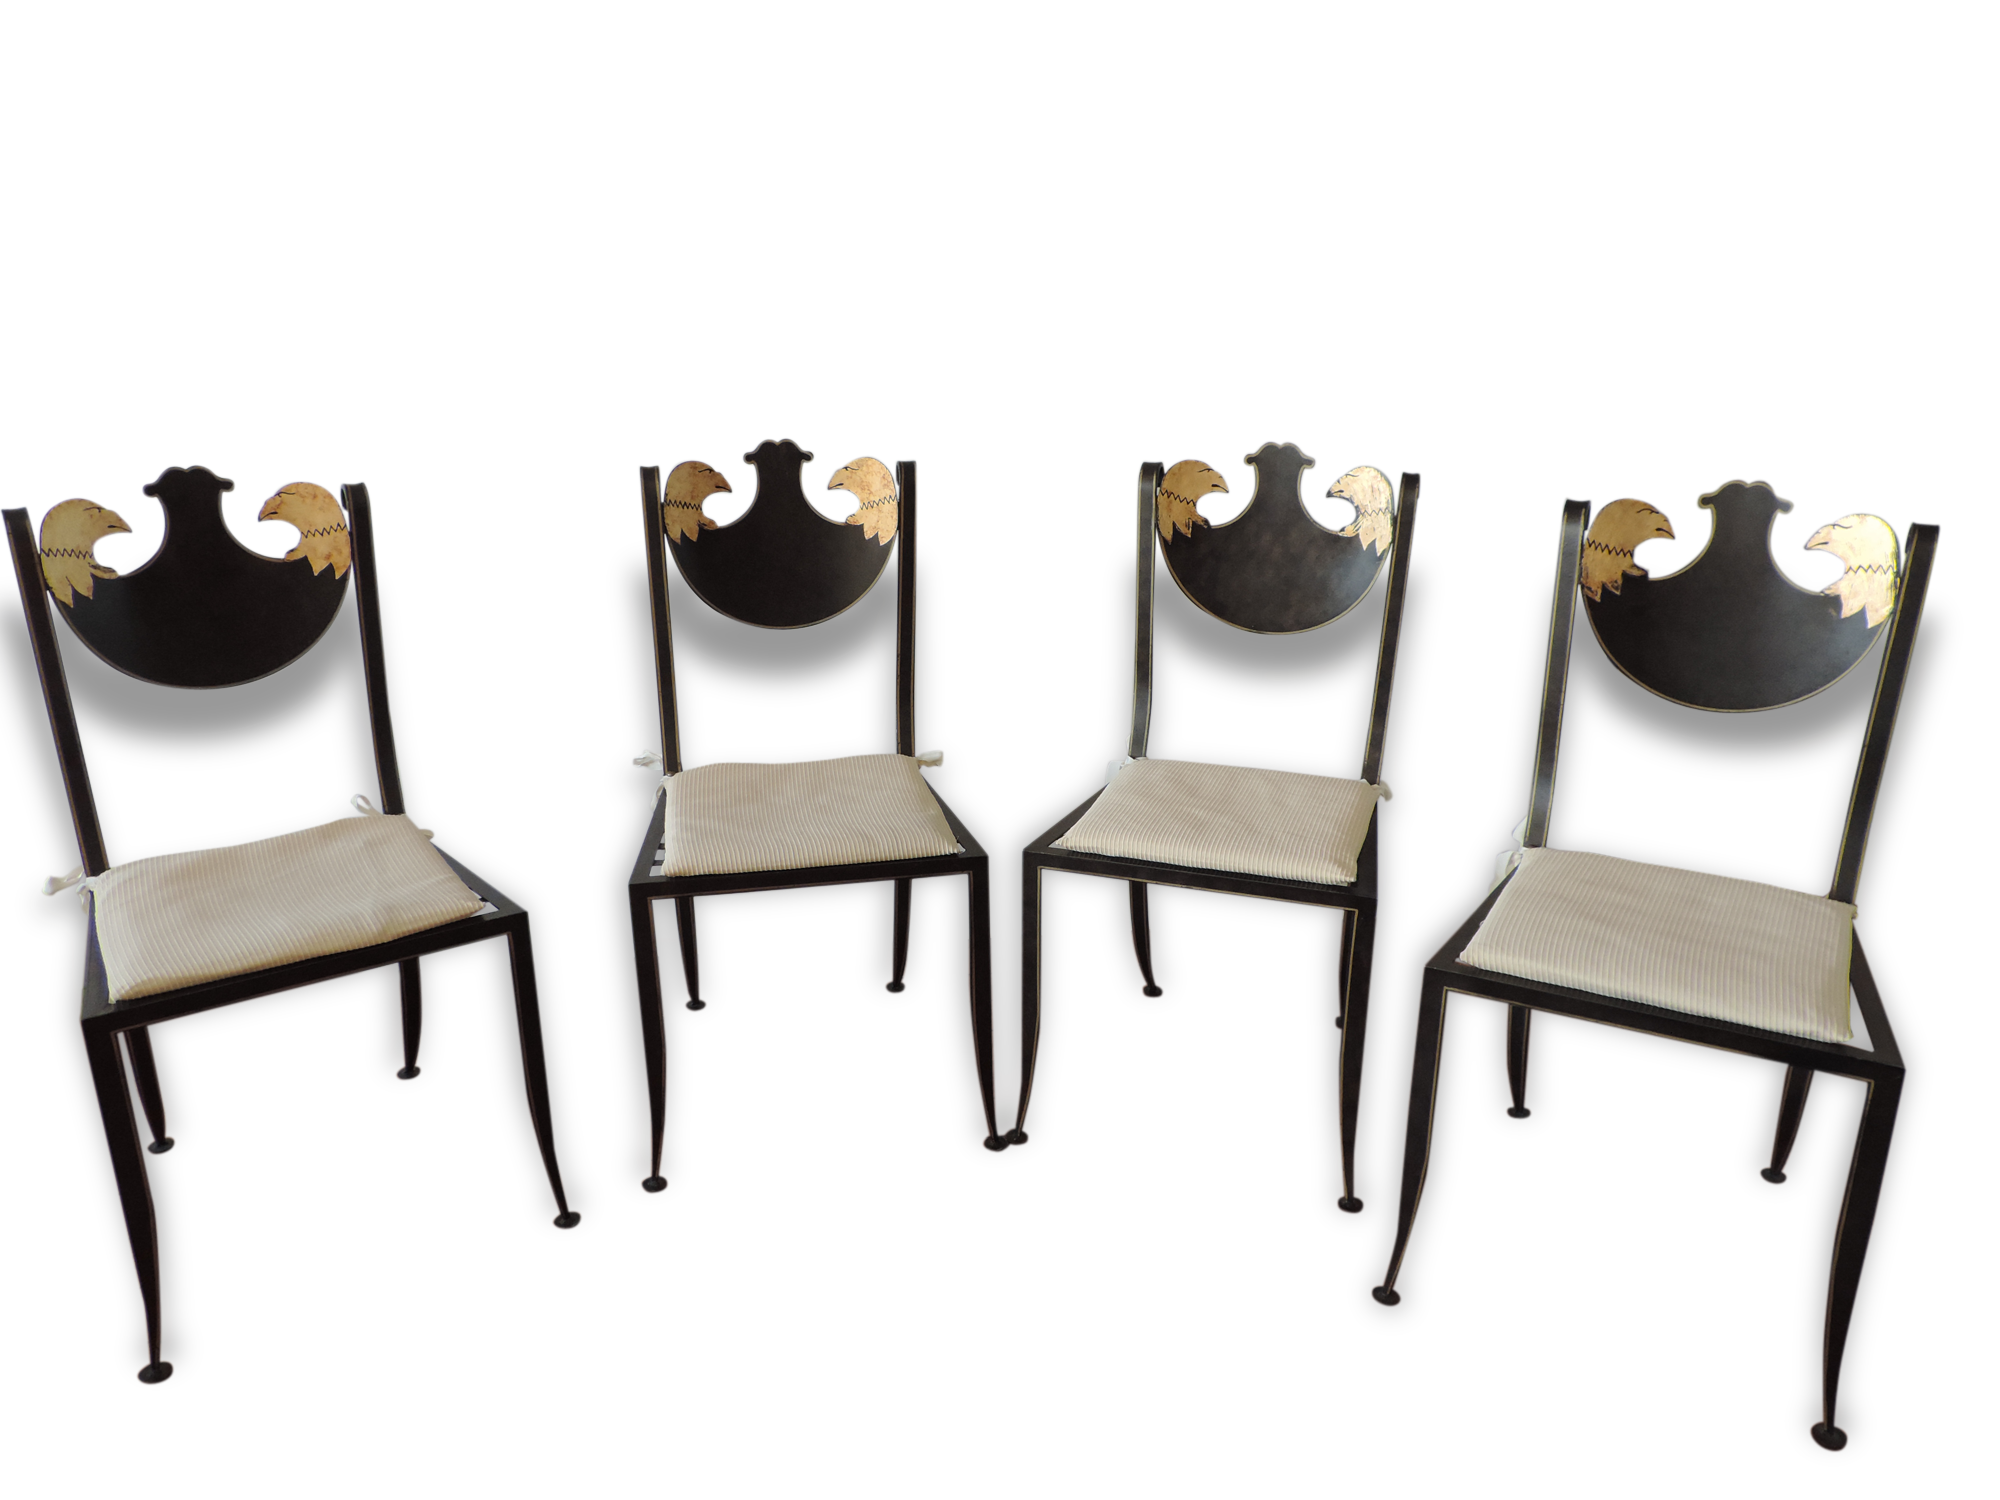 Ensemble de quatre chaises à décoration de têtes de rapace sur le dossier et fil doré en périphérie des montants et de l'assise